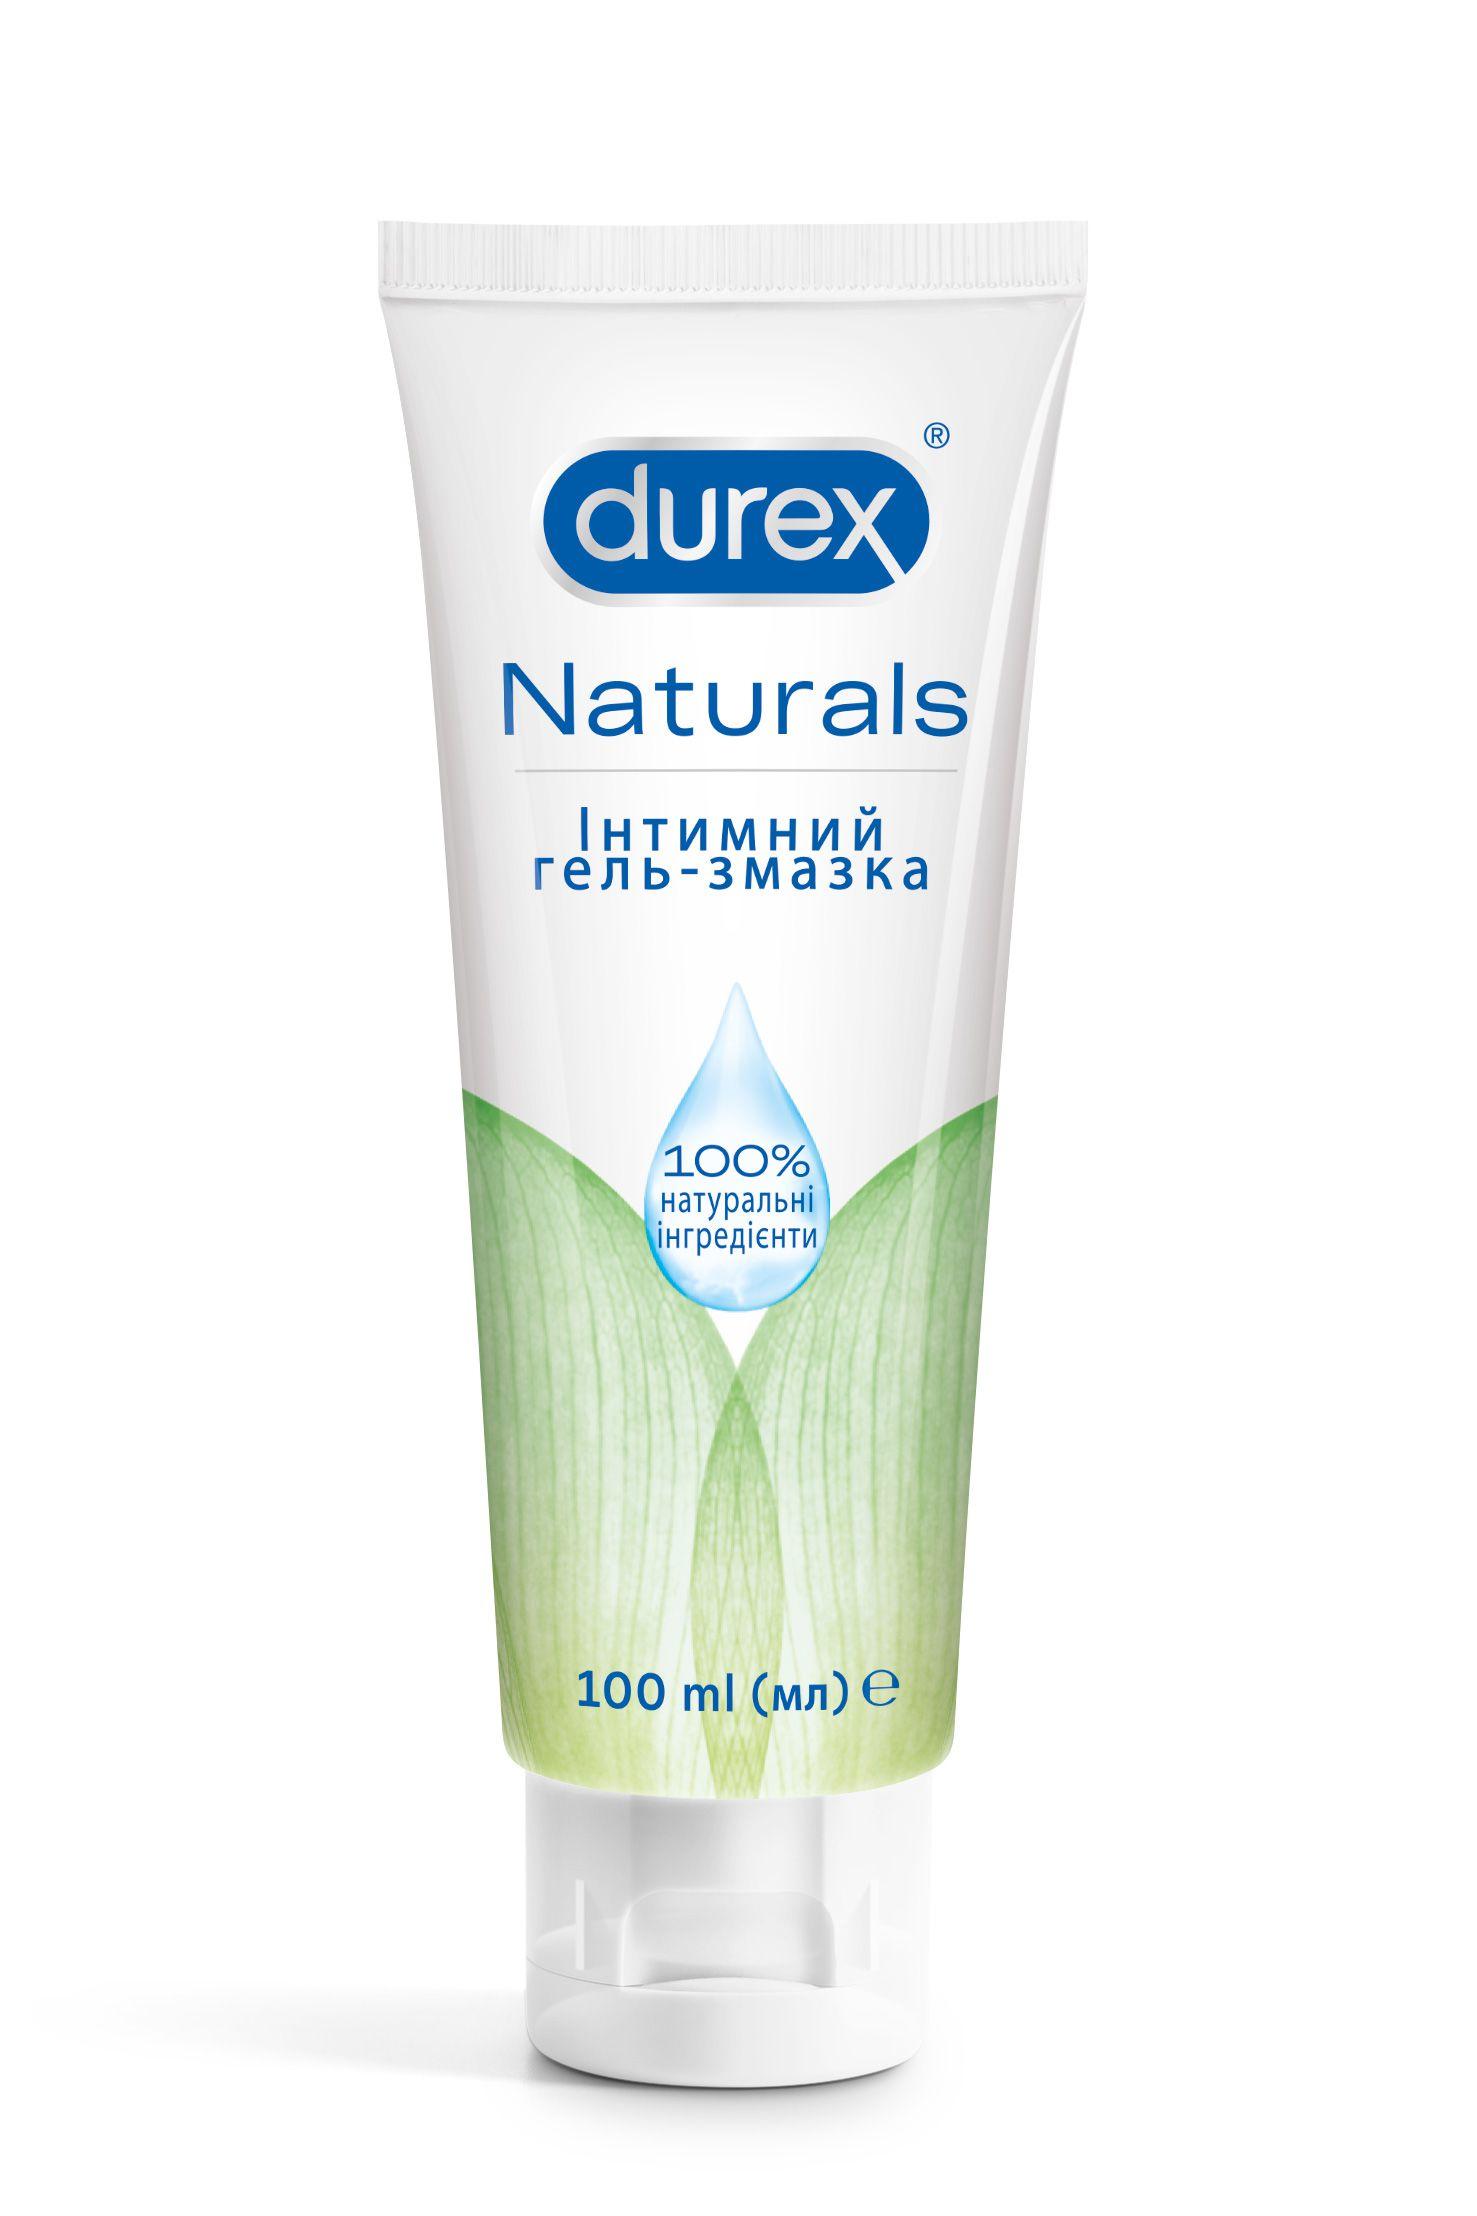 Intymna hel zmazka Durex Naturals, 100ml